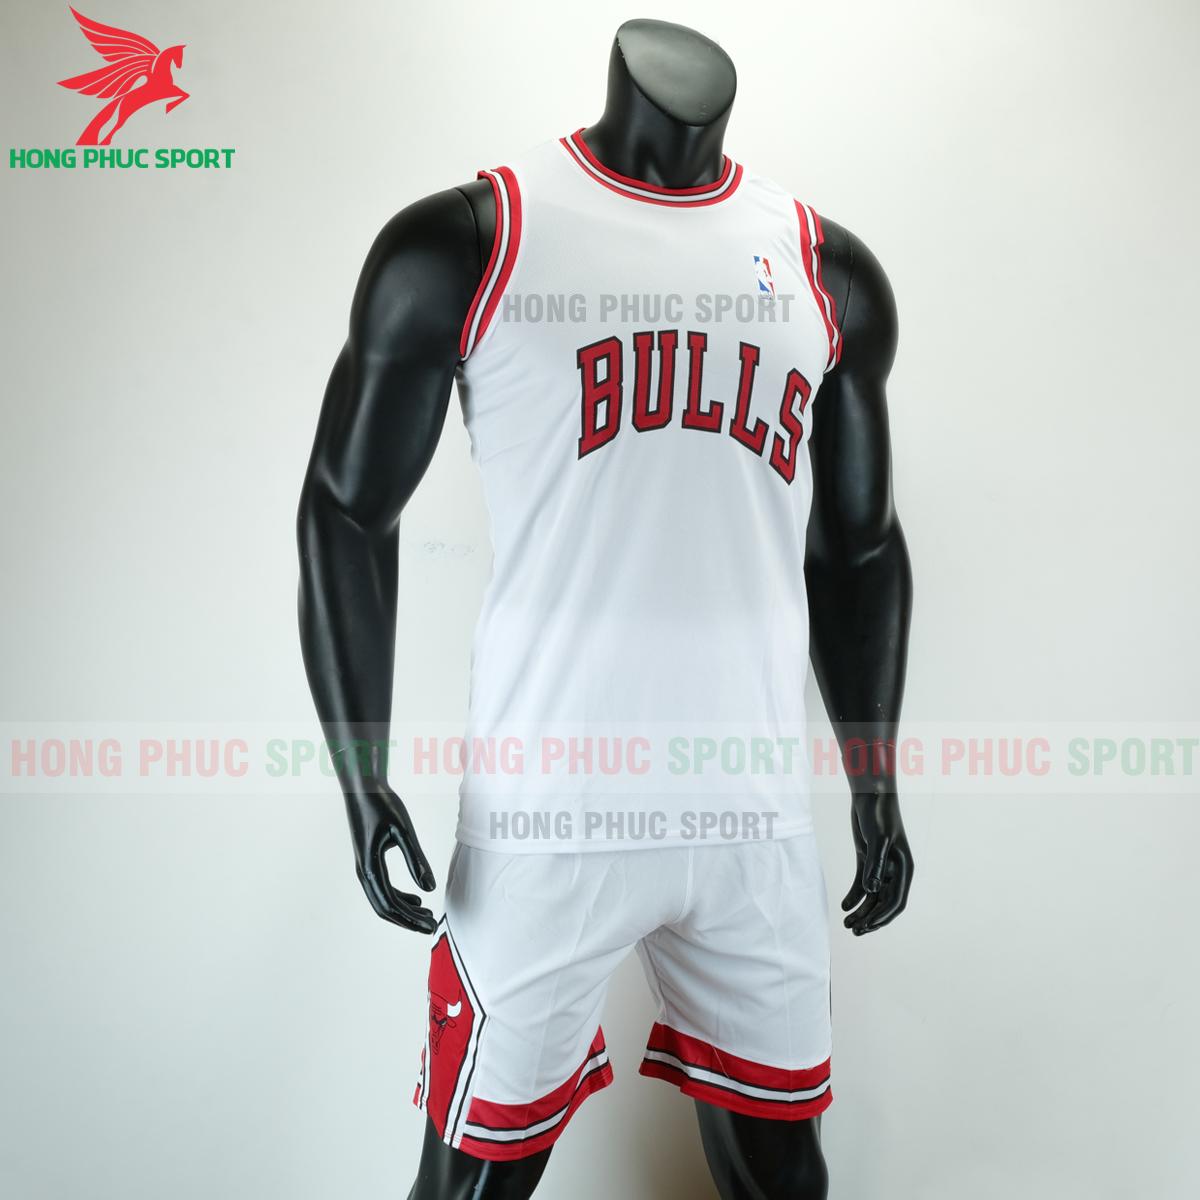 Áo bóng rổ Bulls 2020 màu trắng (phải)